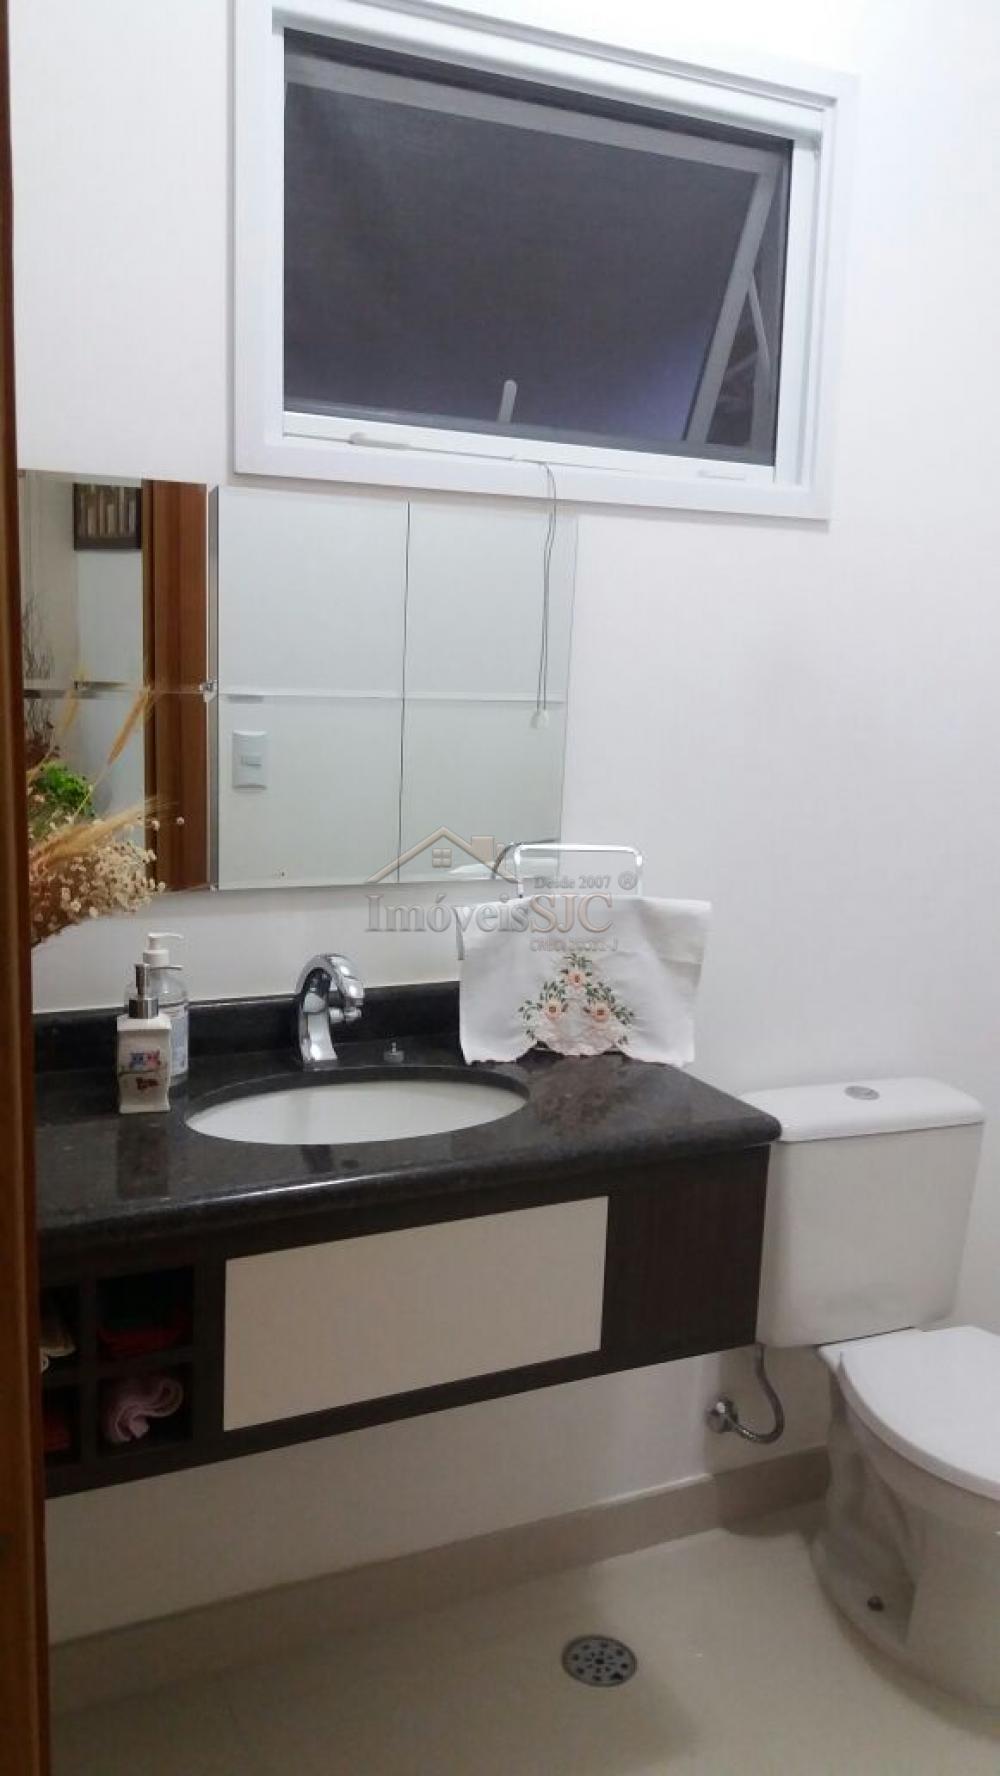 Comprar Casas / Condomínio em Caçapava apenas R$ 585.000,00 - Foto 6